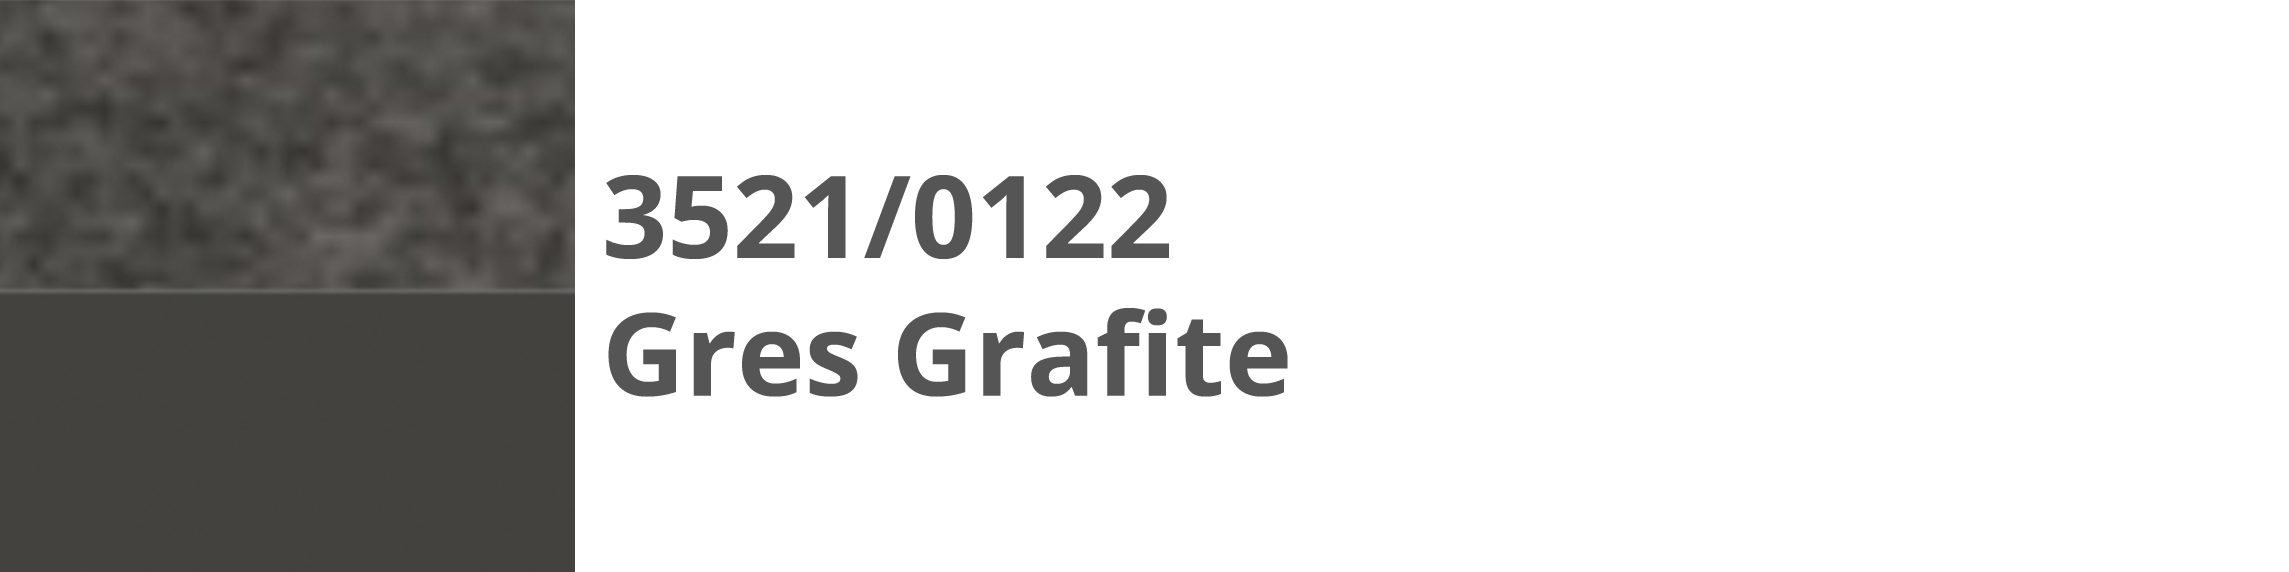 3521 122 Gres_Grafite